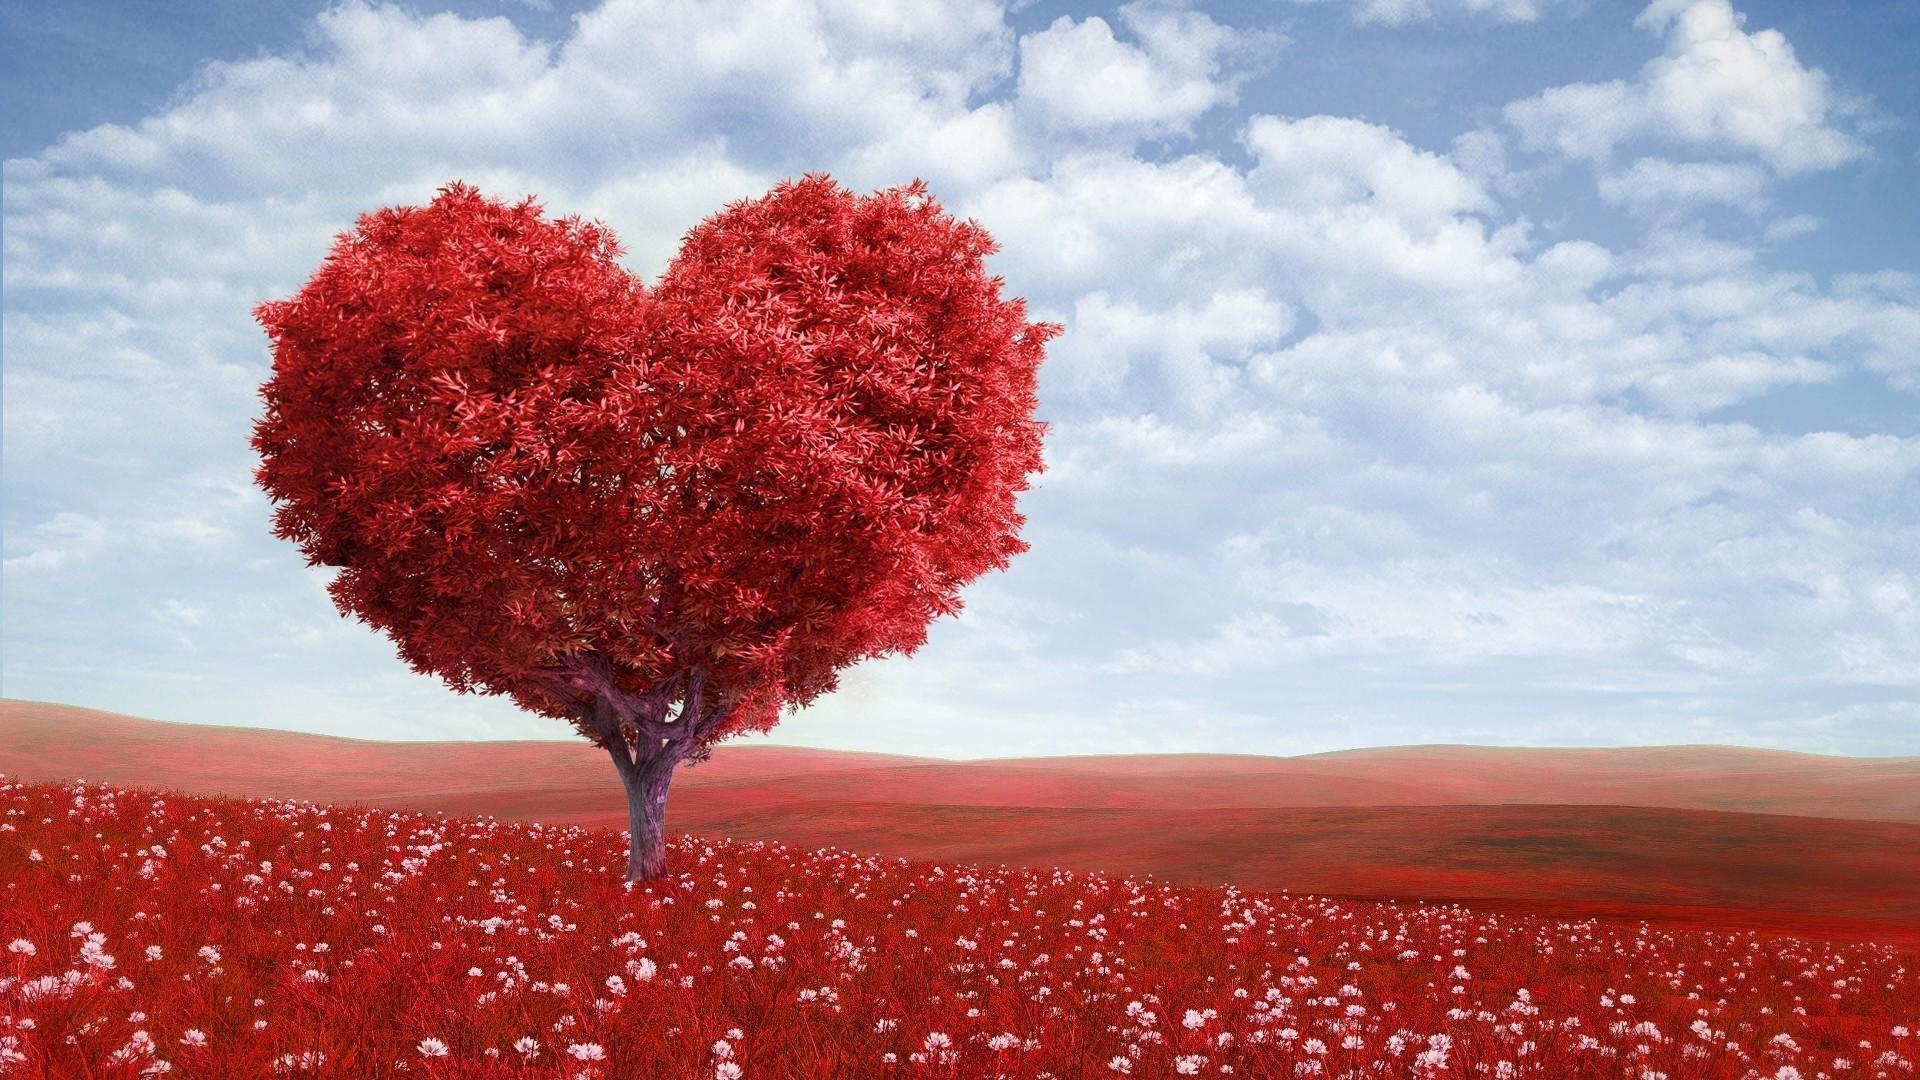 Сердце дерево поле красное без регистрации